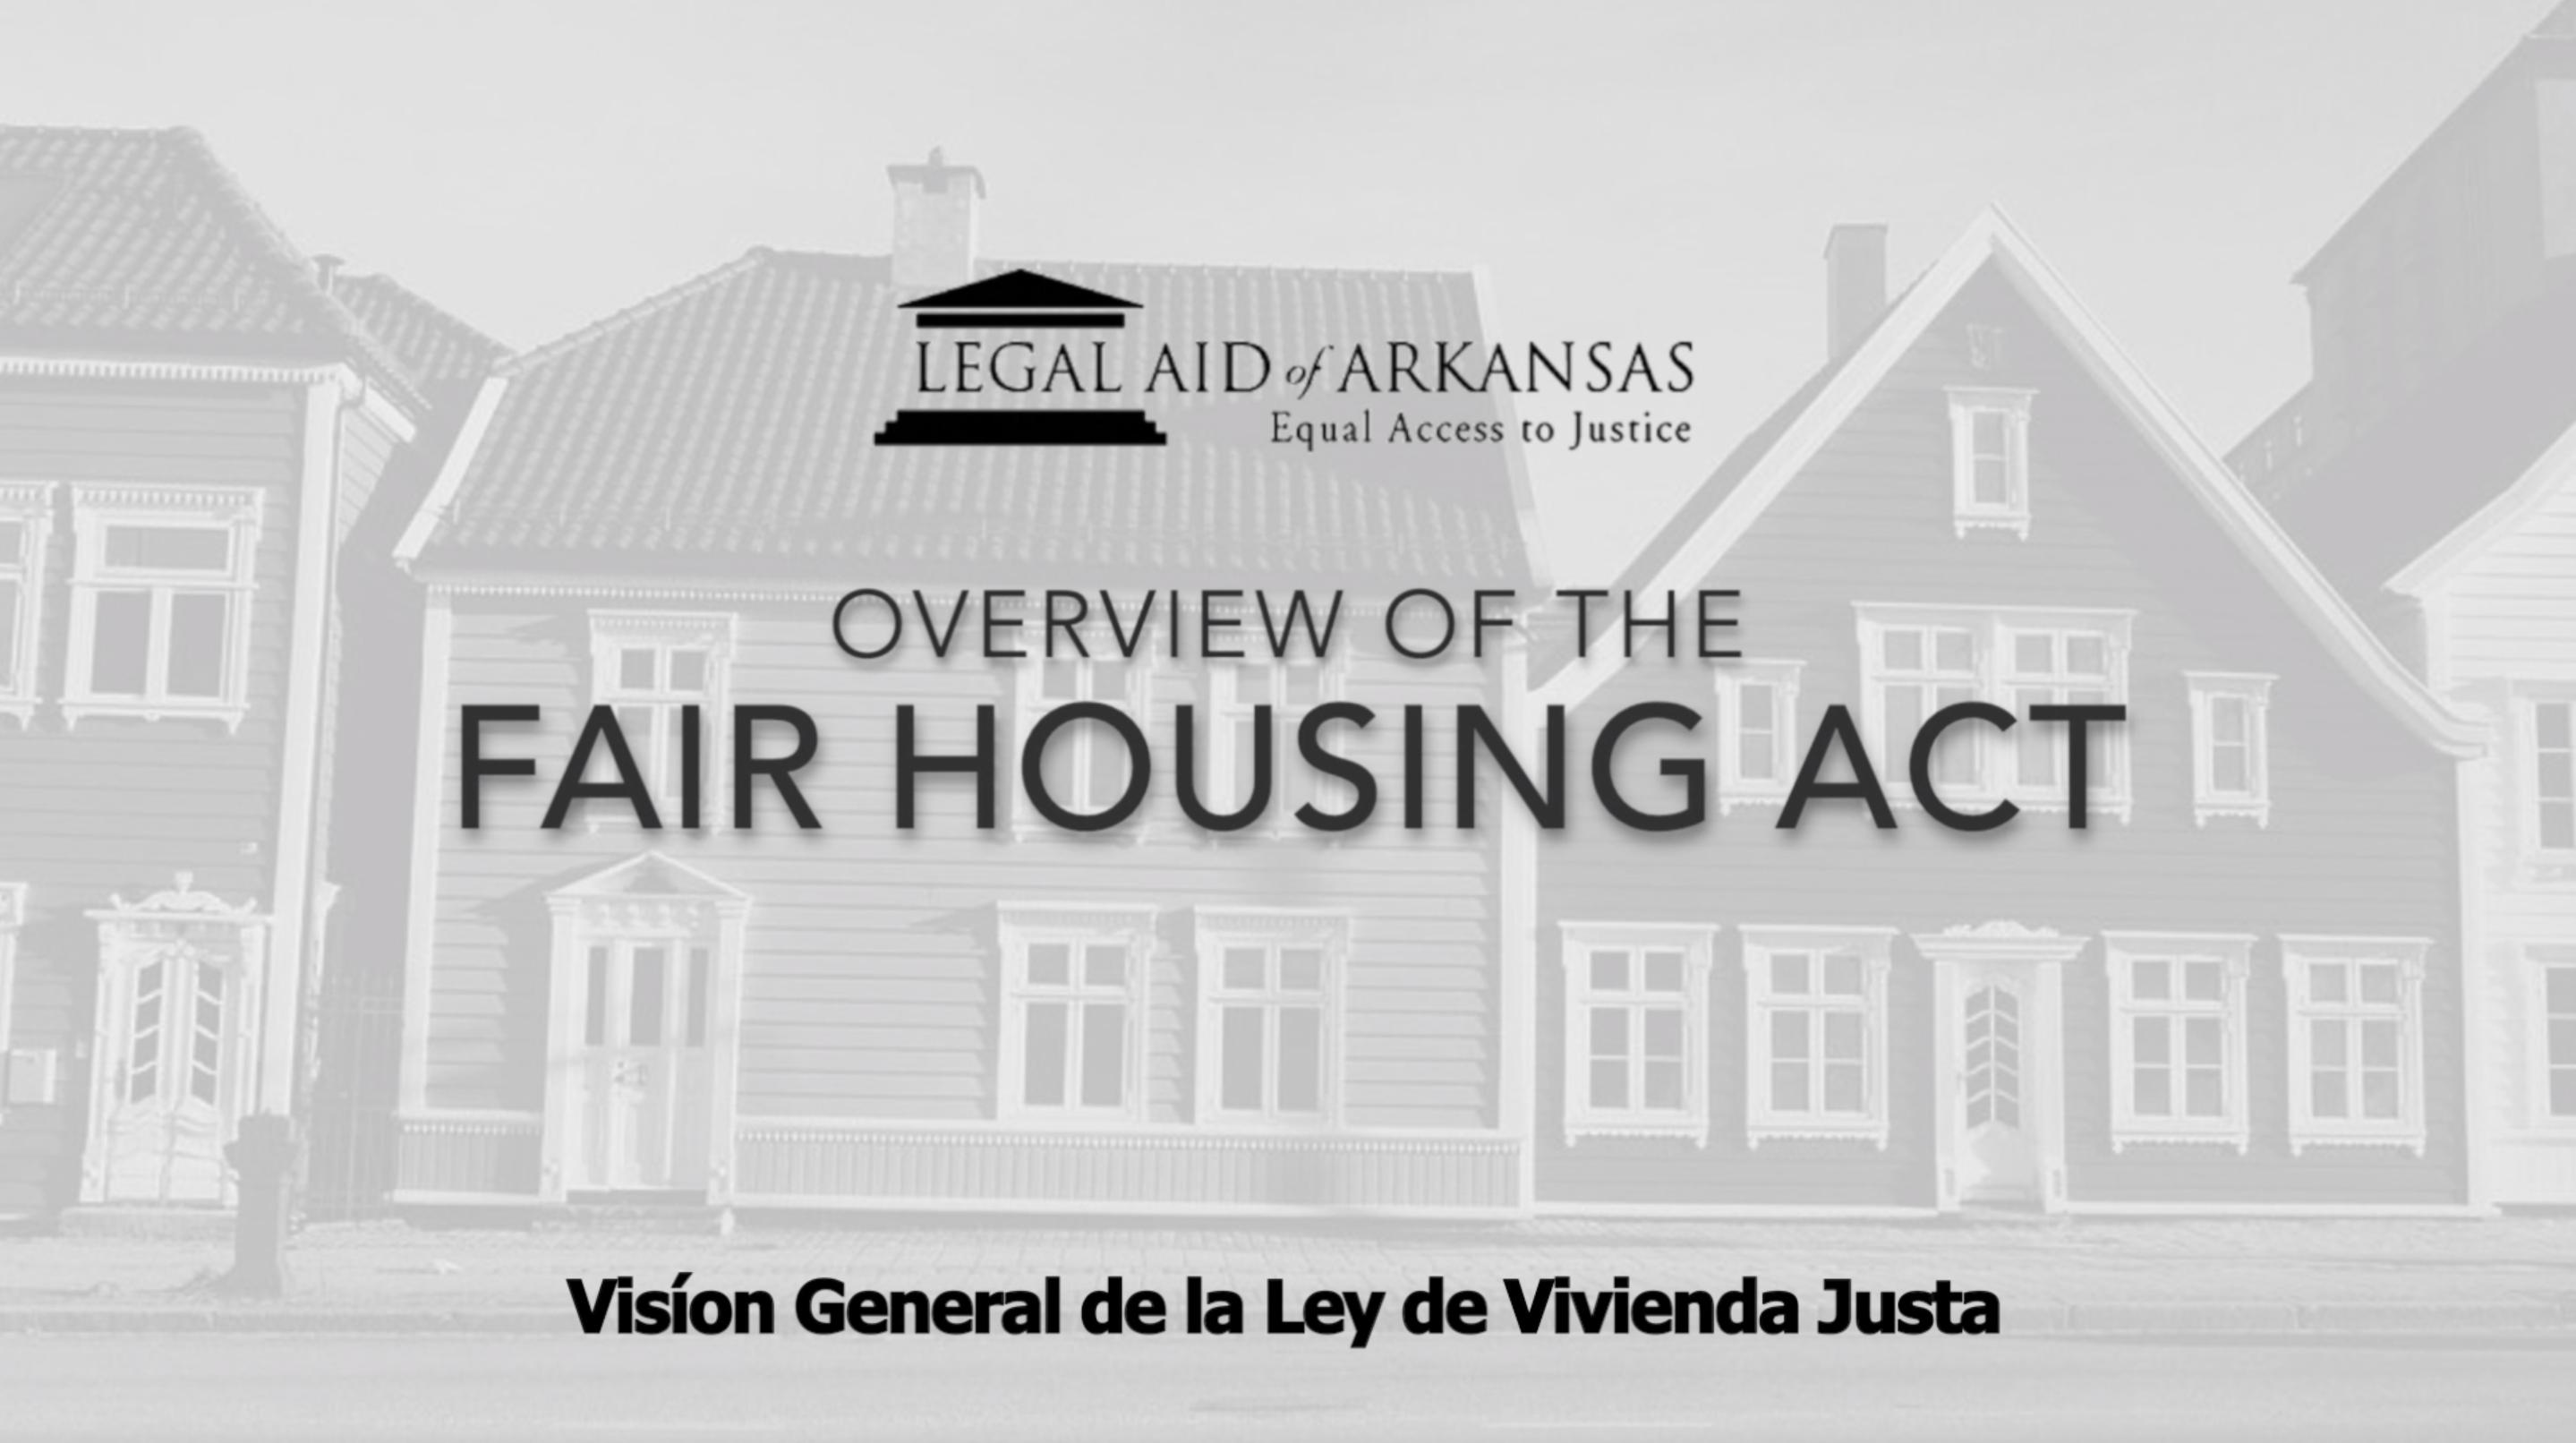 VIDEO - Visíon General de la Ley de Vivienda Justa